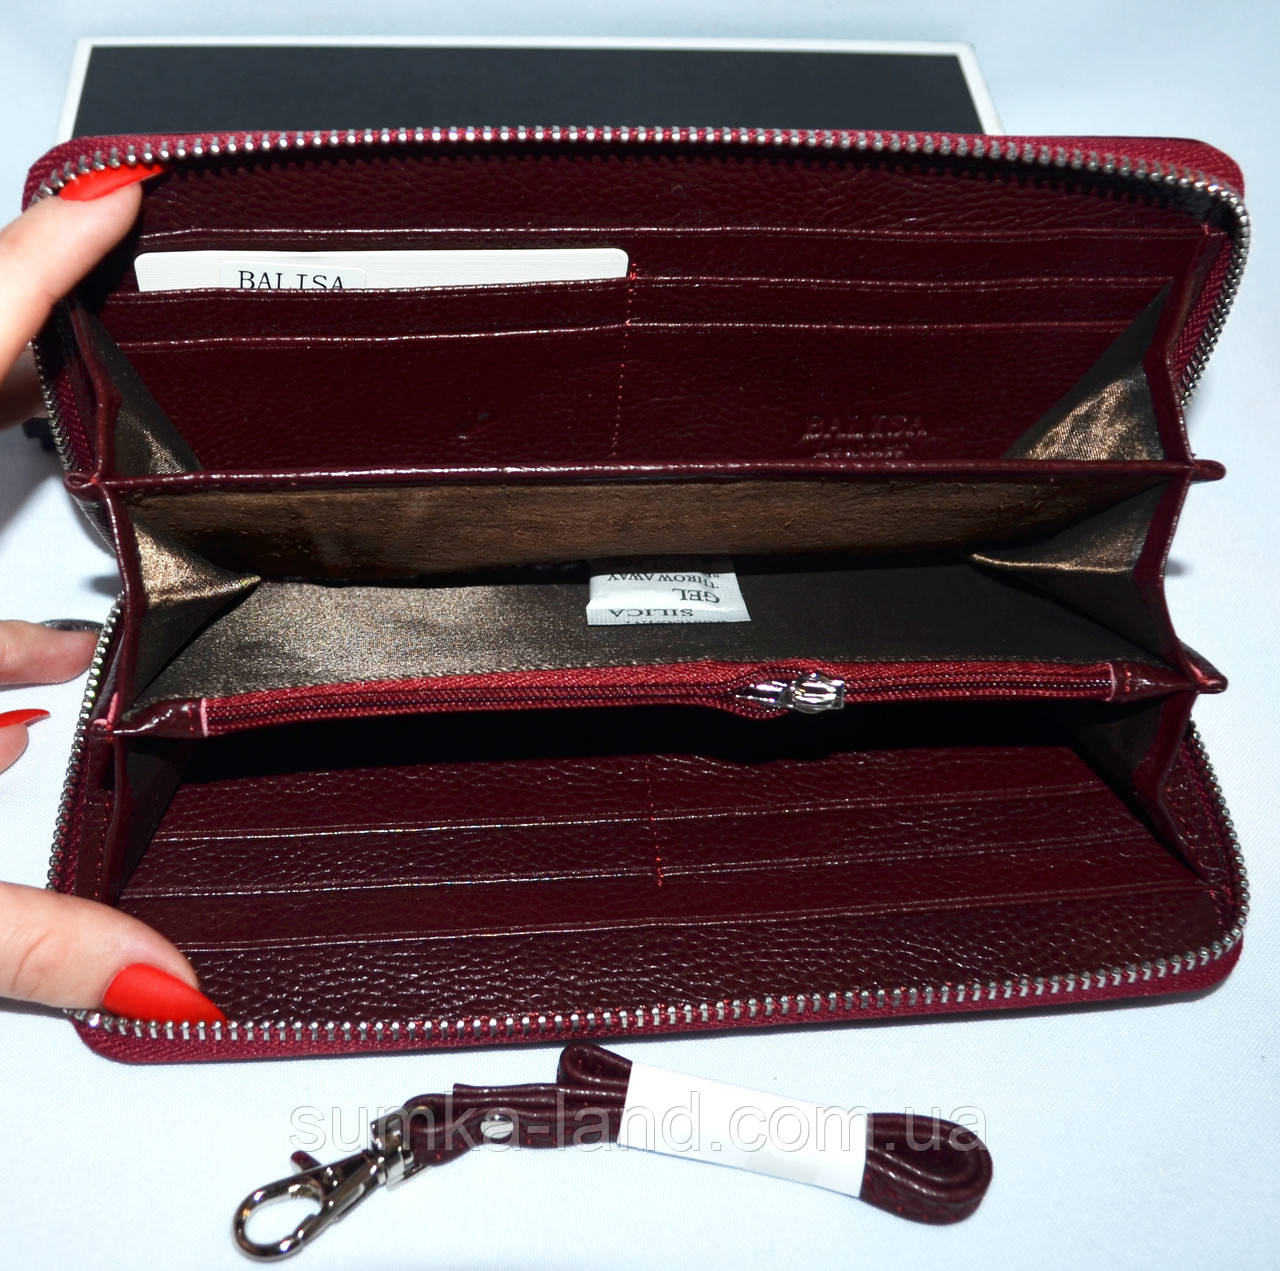 95744079e1e8 Женский лаковый кошелек Balisa из натуральной кожи на змейке (бордо), фото 2